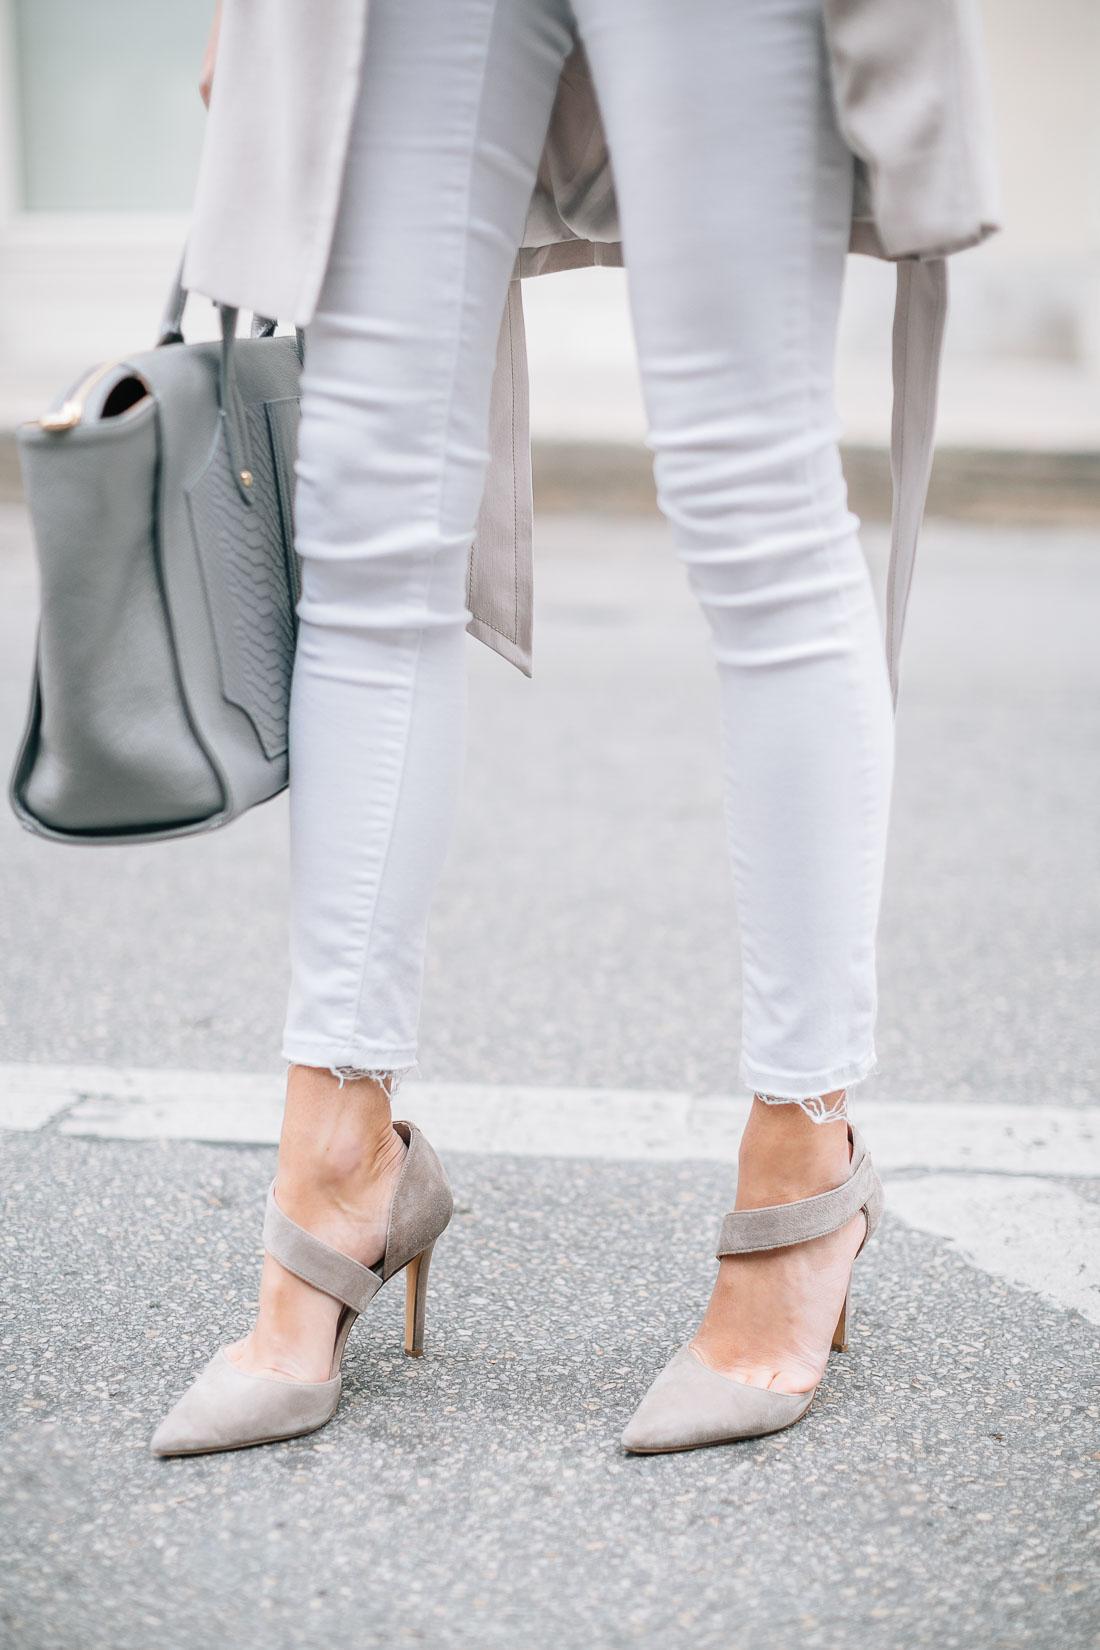 Белые туфли на каблуке под джинсы фото считаю, что